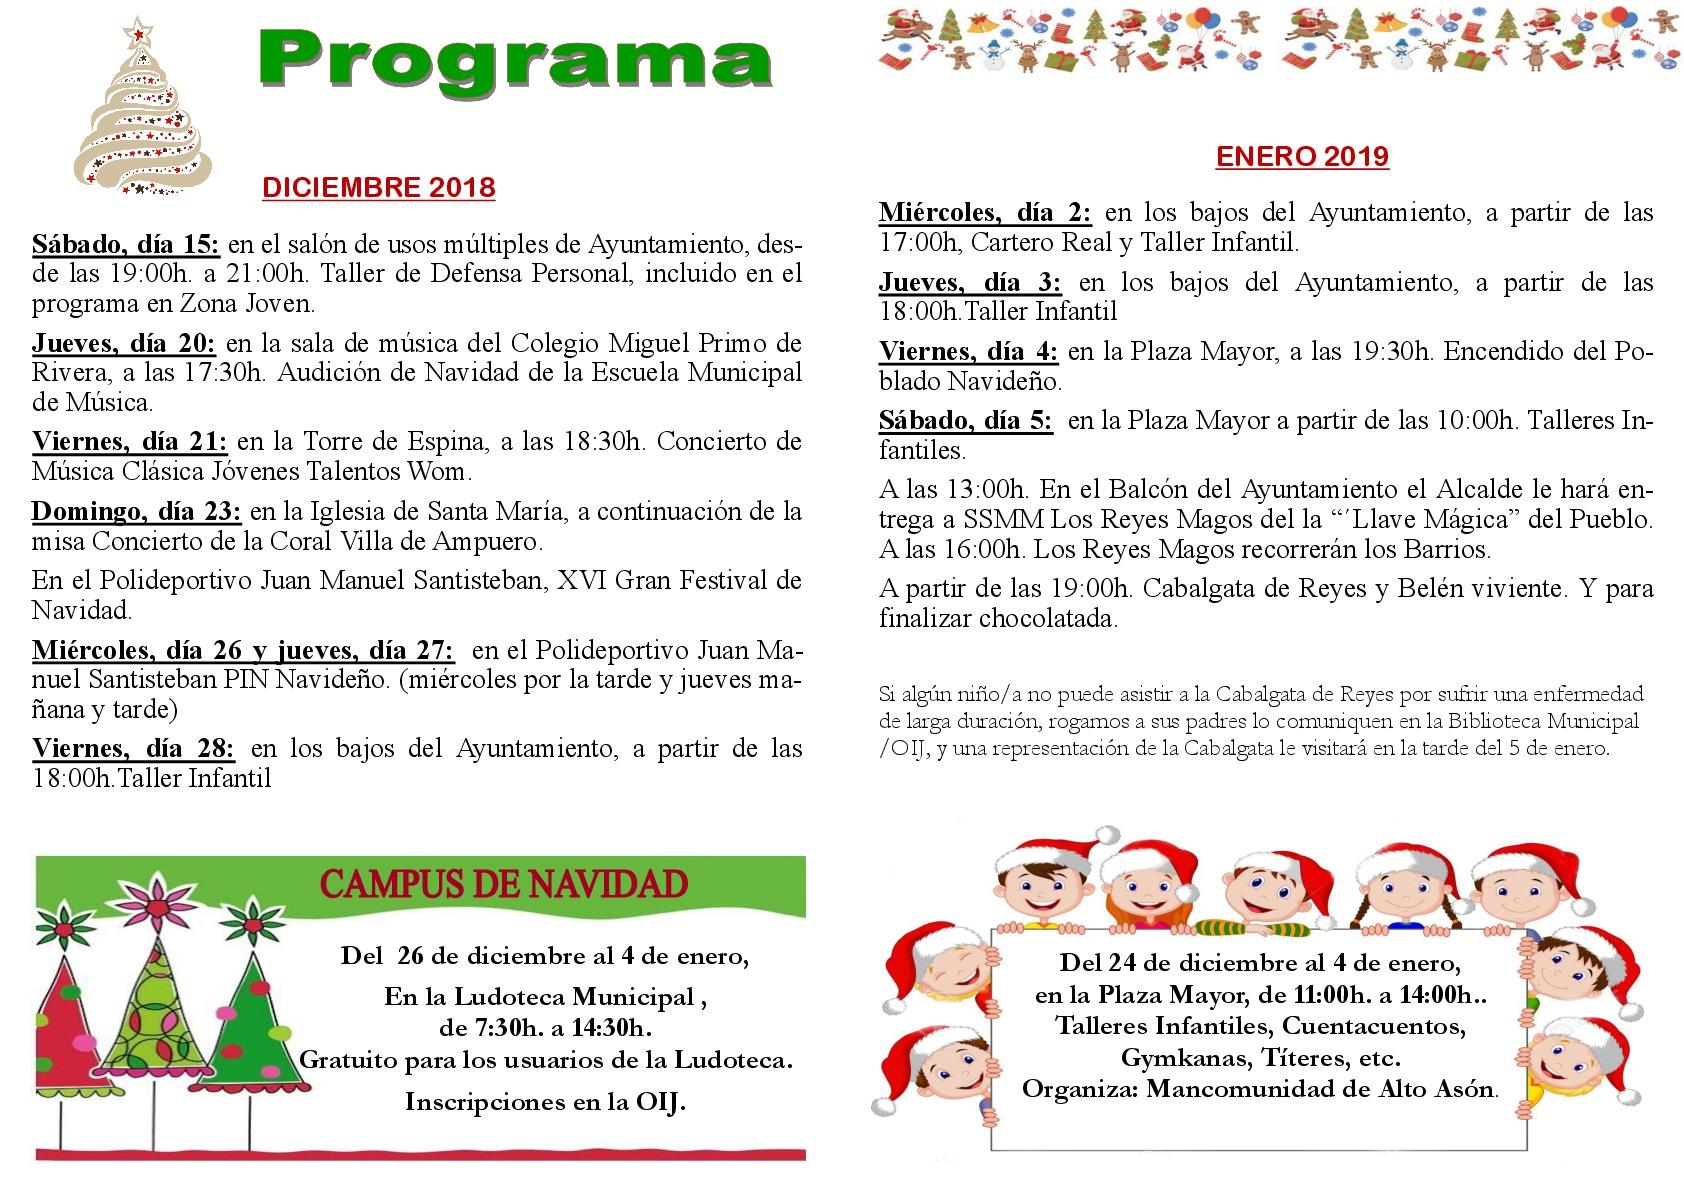 Programa de Navidad 2018/19